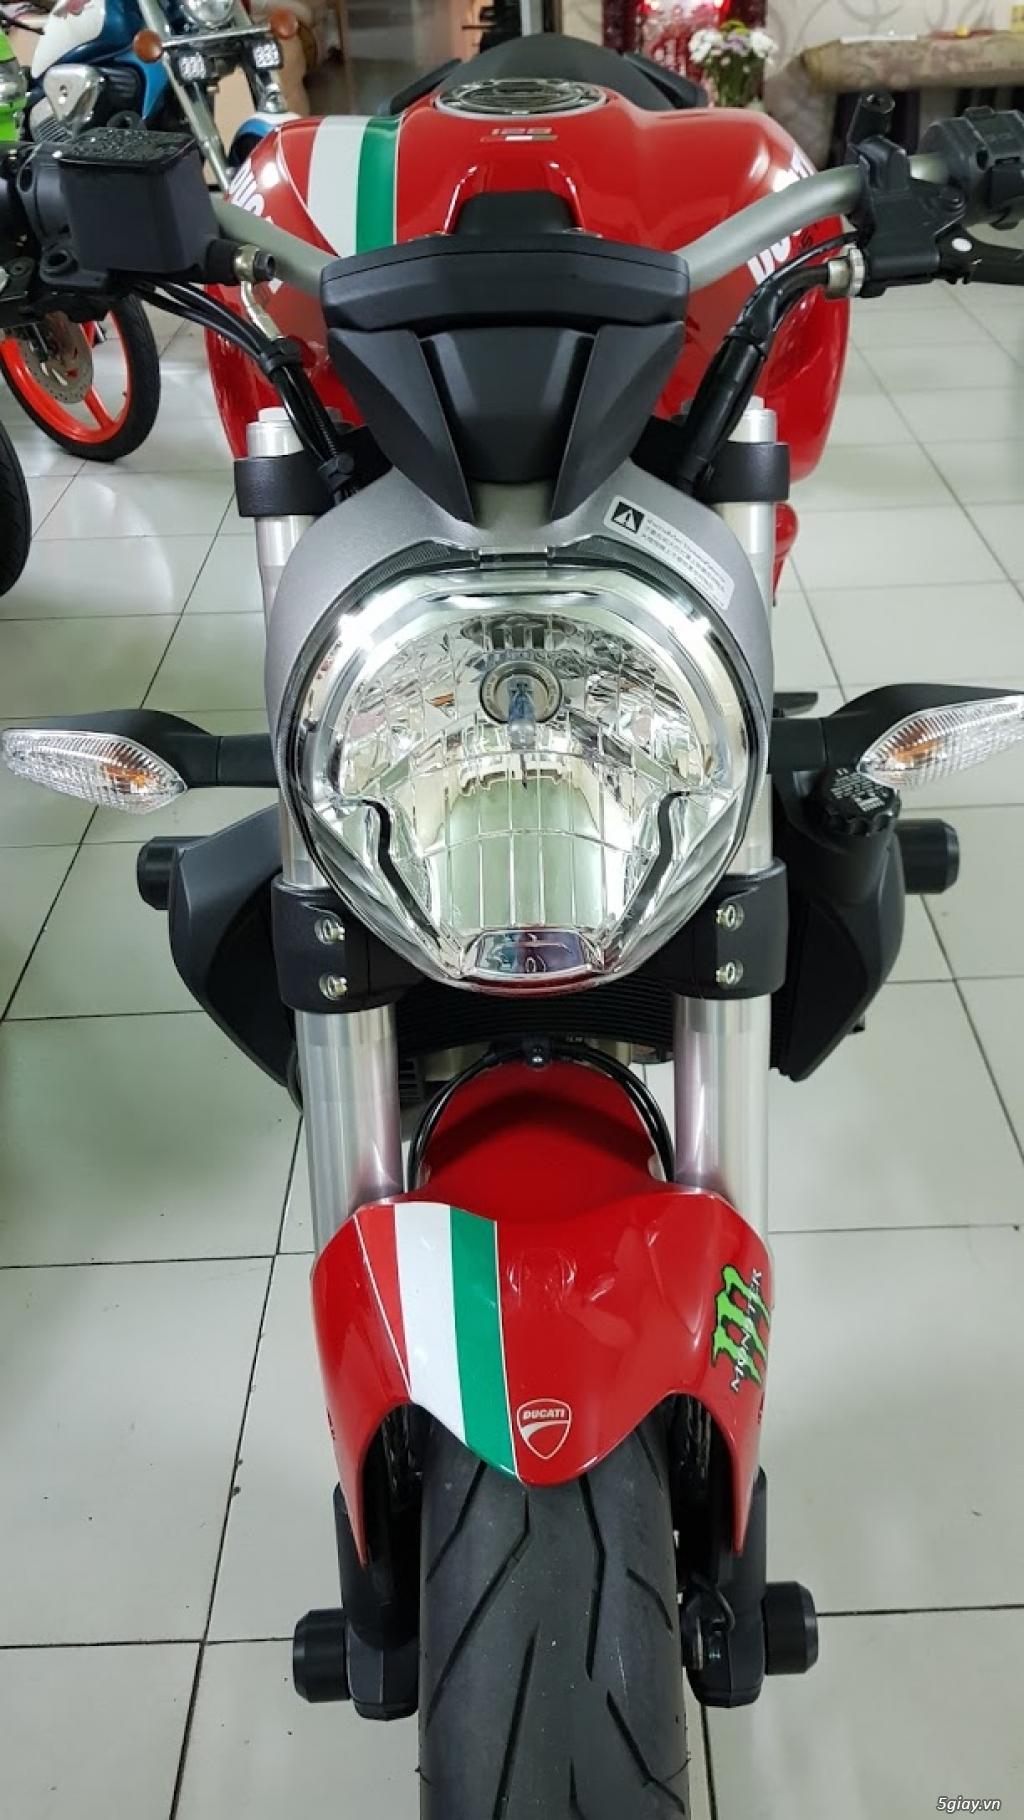 Ban Ducati Monster 821 ABS thang 52017 chinh hang Saigon so VIP - 17